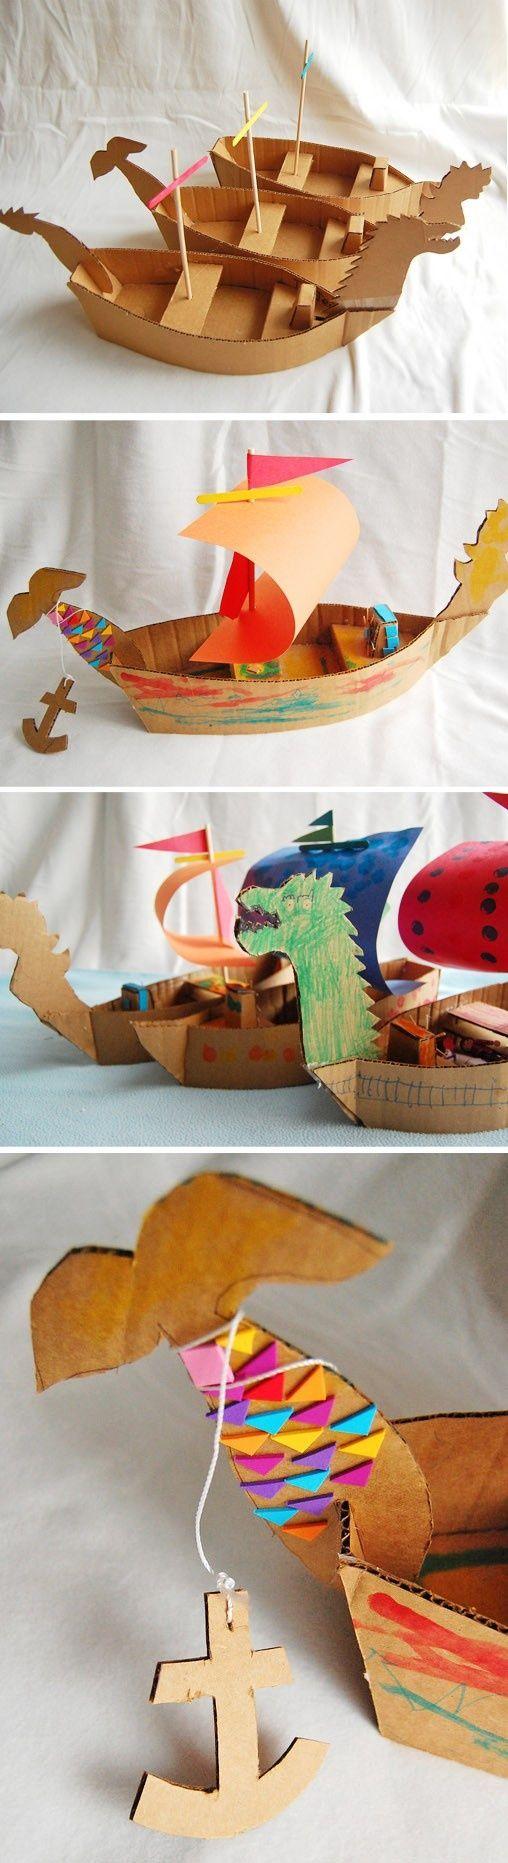 Cardboard Ships